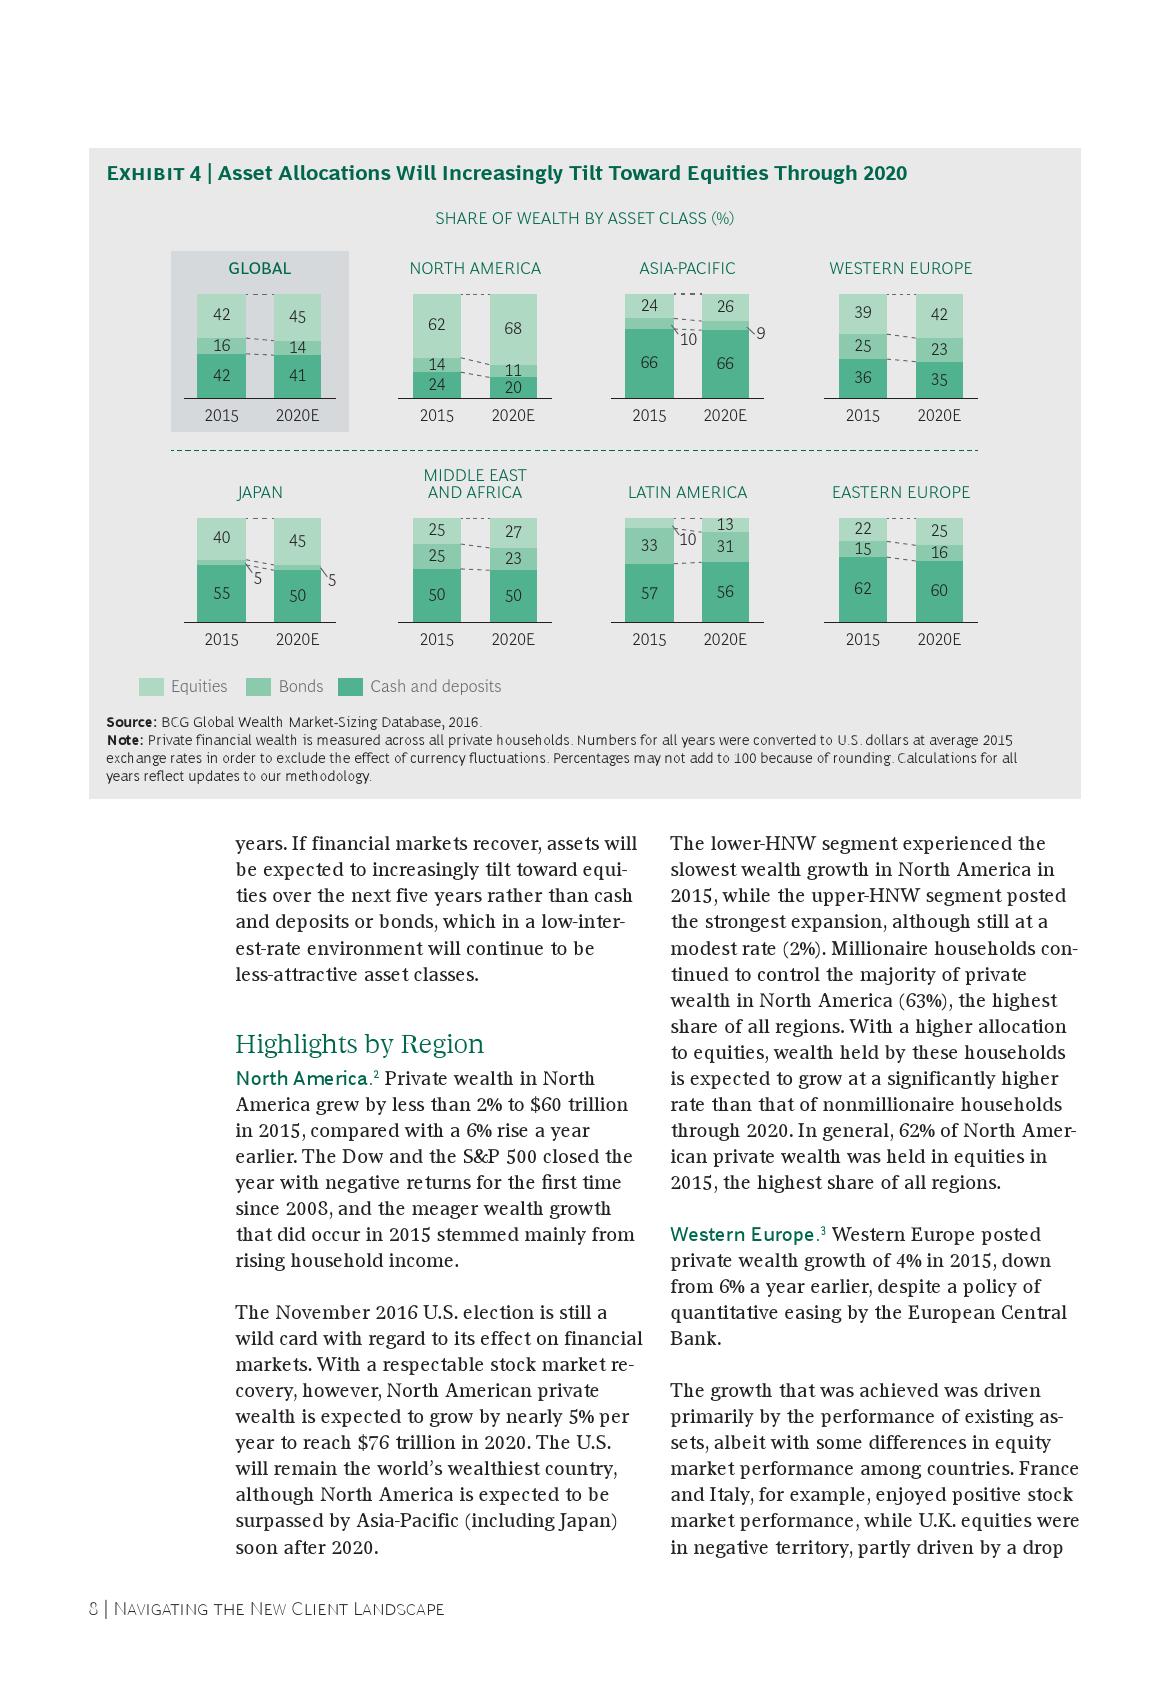 波士顿咨询:全球财富报告2016_000010